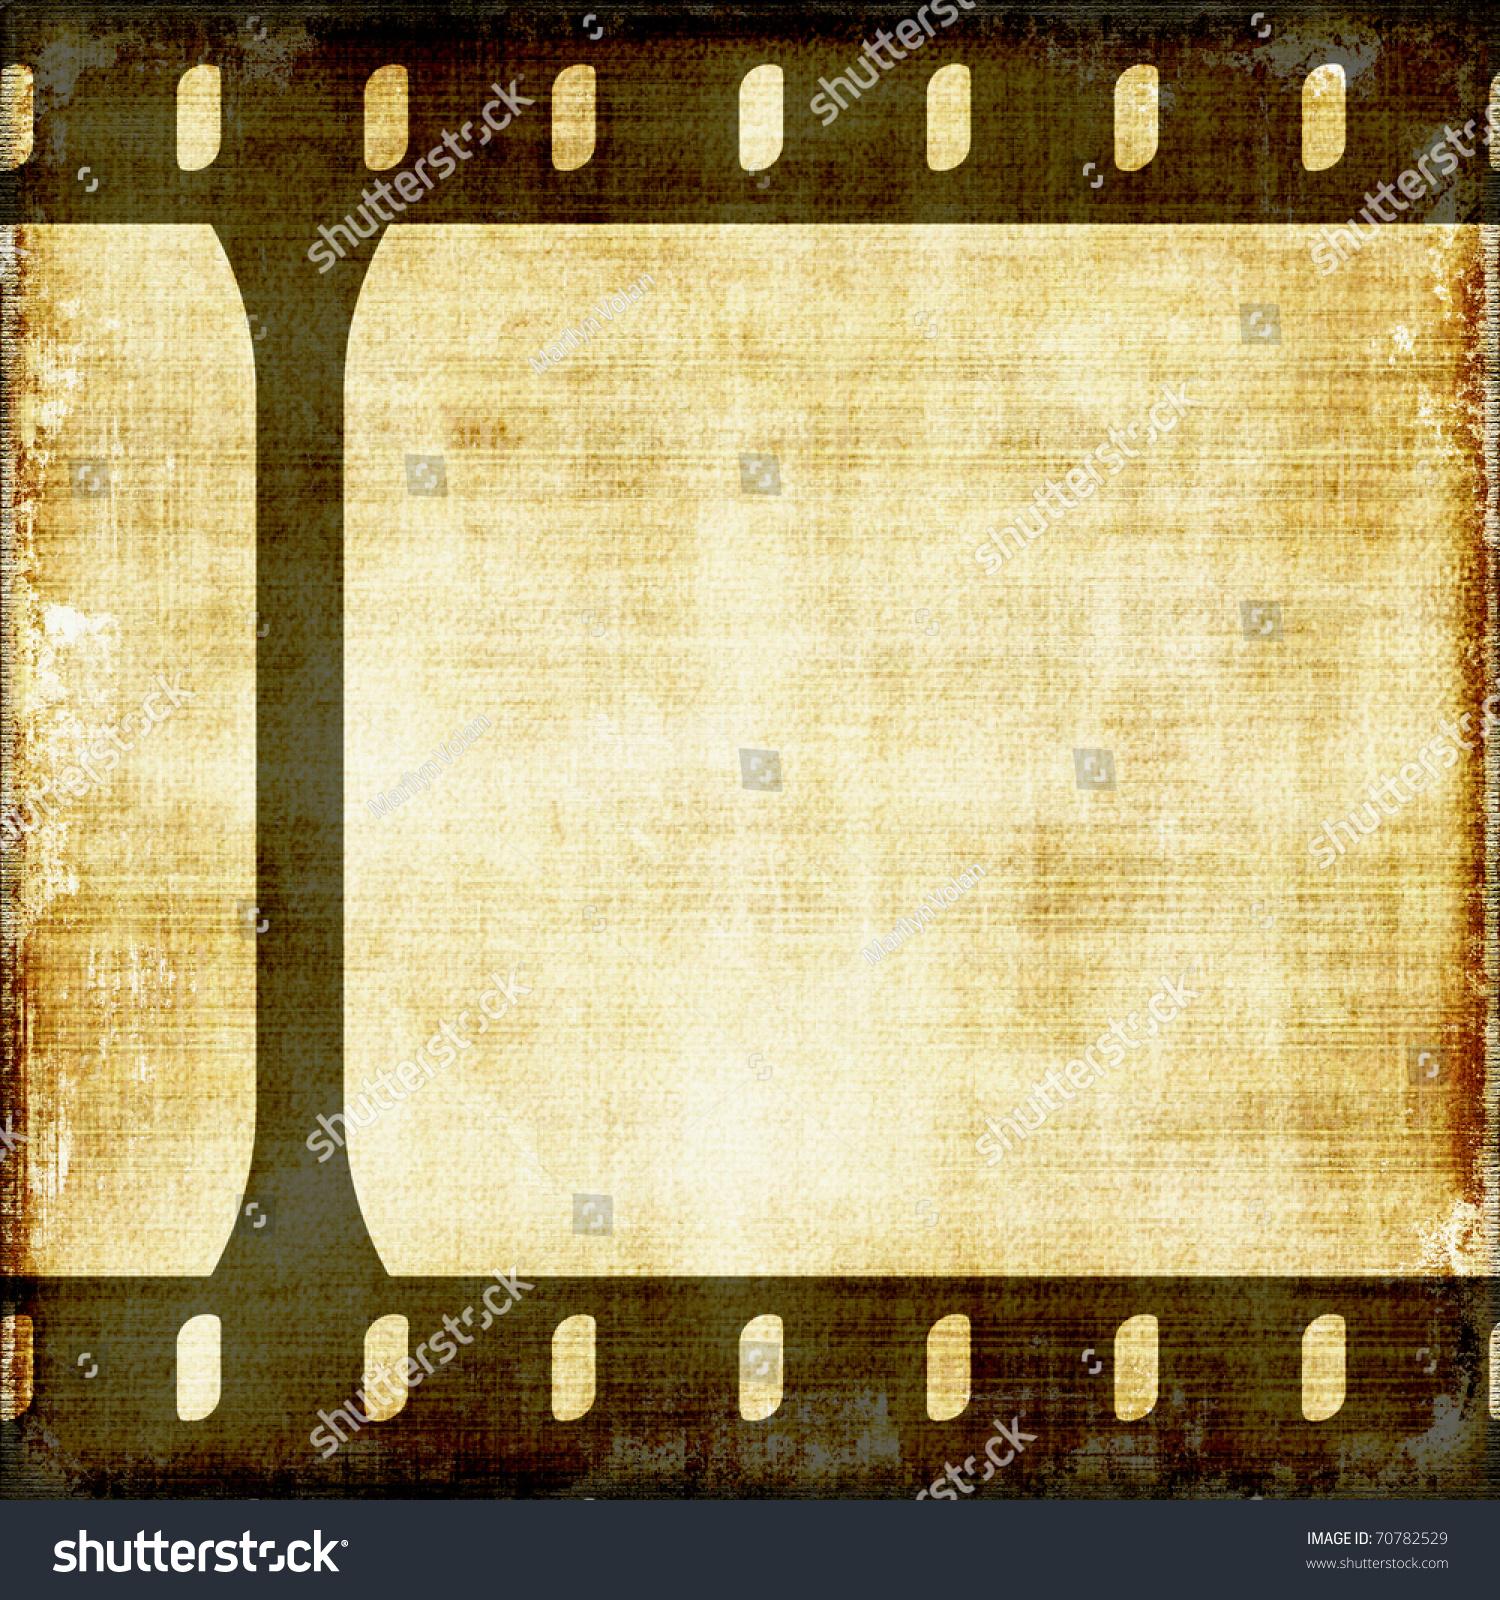 old vintage film strip background stock illustration